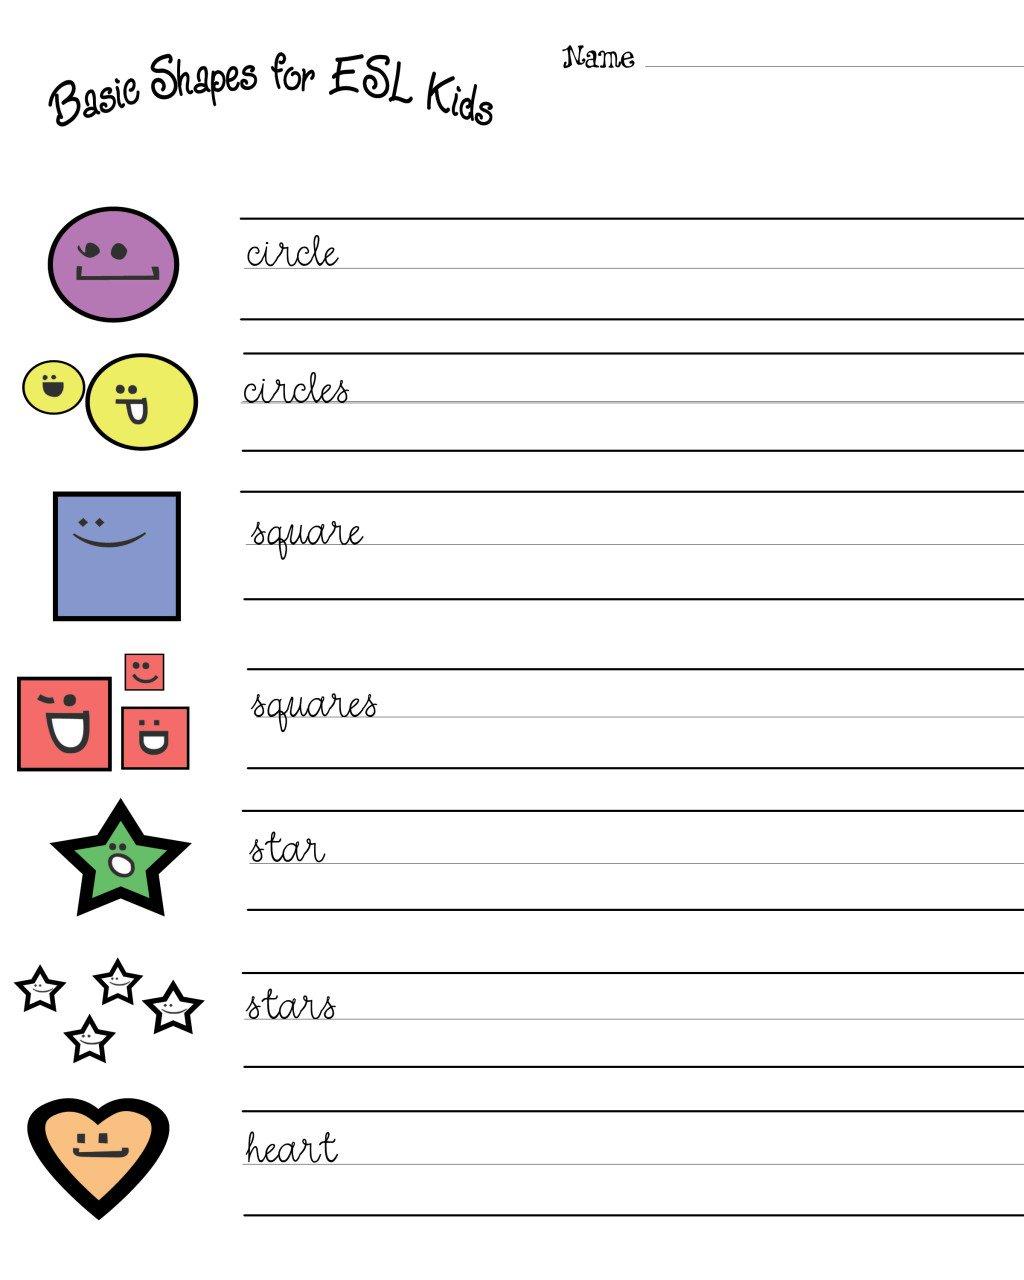 Esl Kids  Free Shapes Worksheets